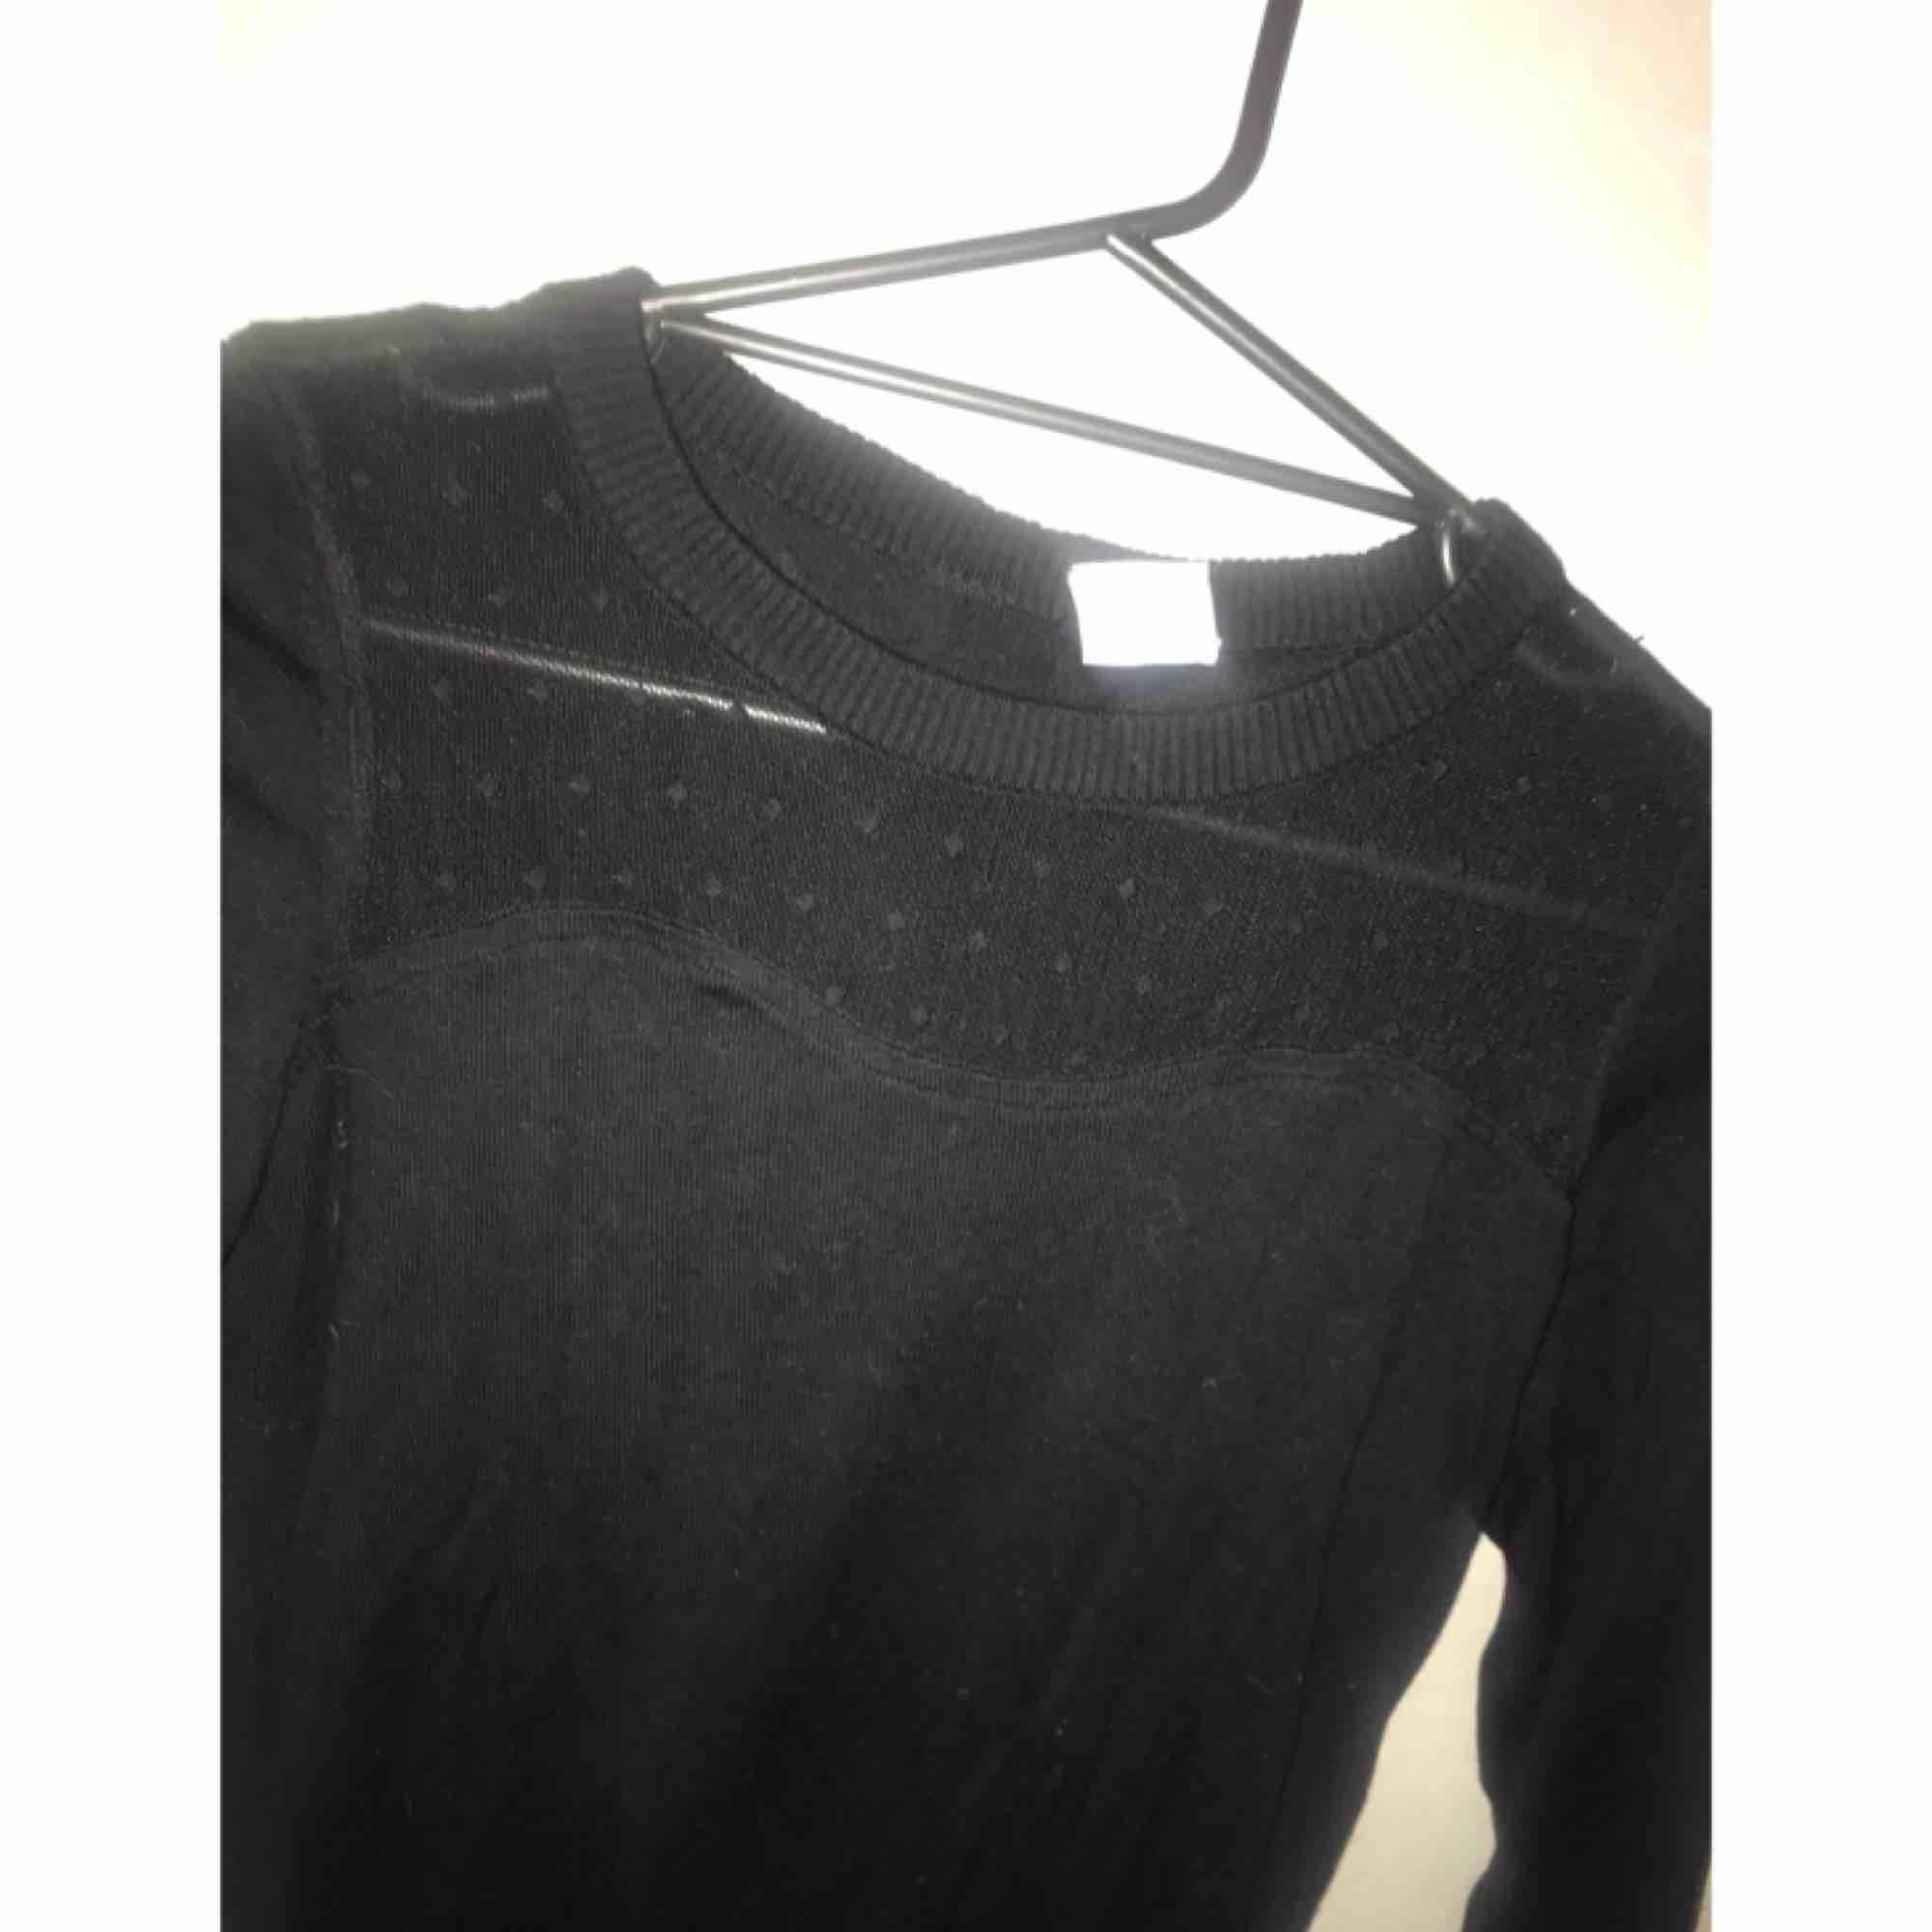 ⭐️ Långärmad tröja med knäppning i ryggen. Frakt ingår i priset. ⭐️. Tröjor & Koftor.